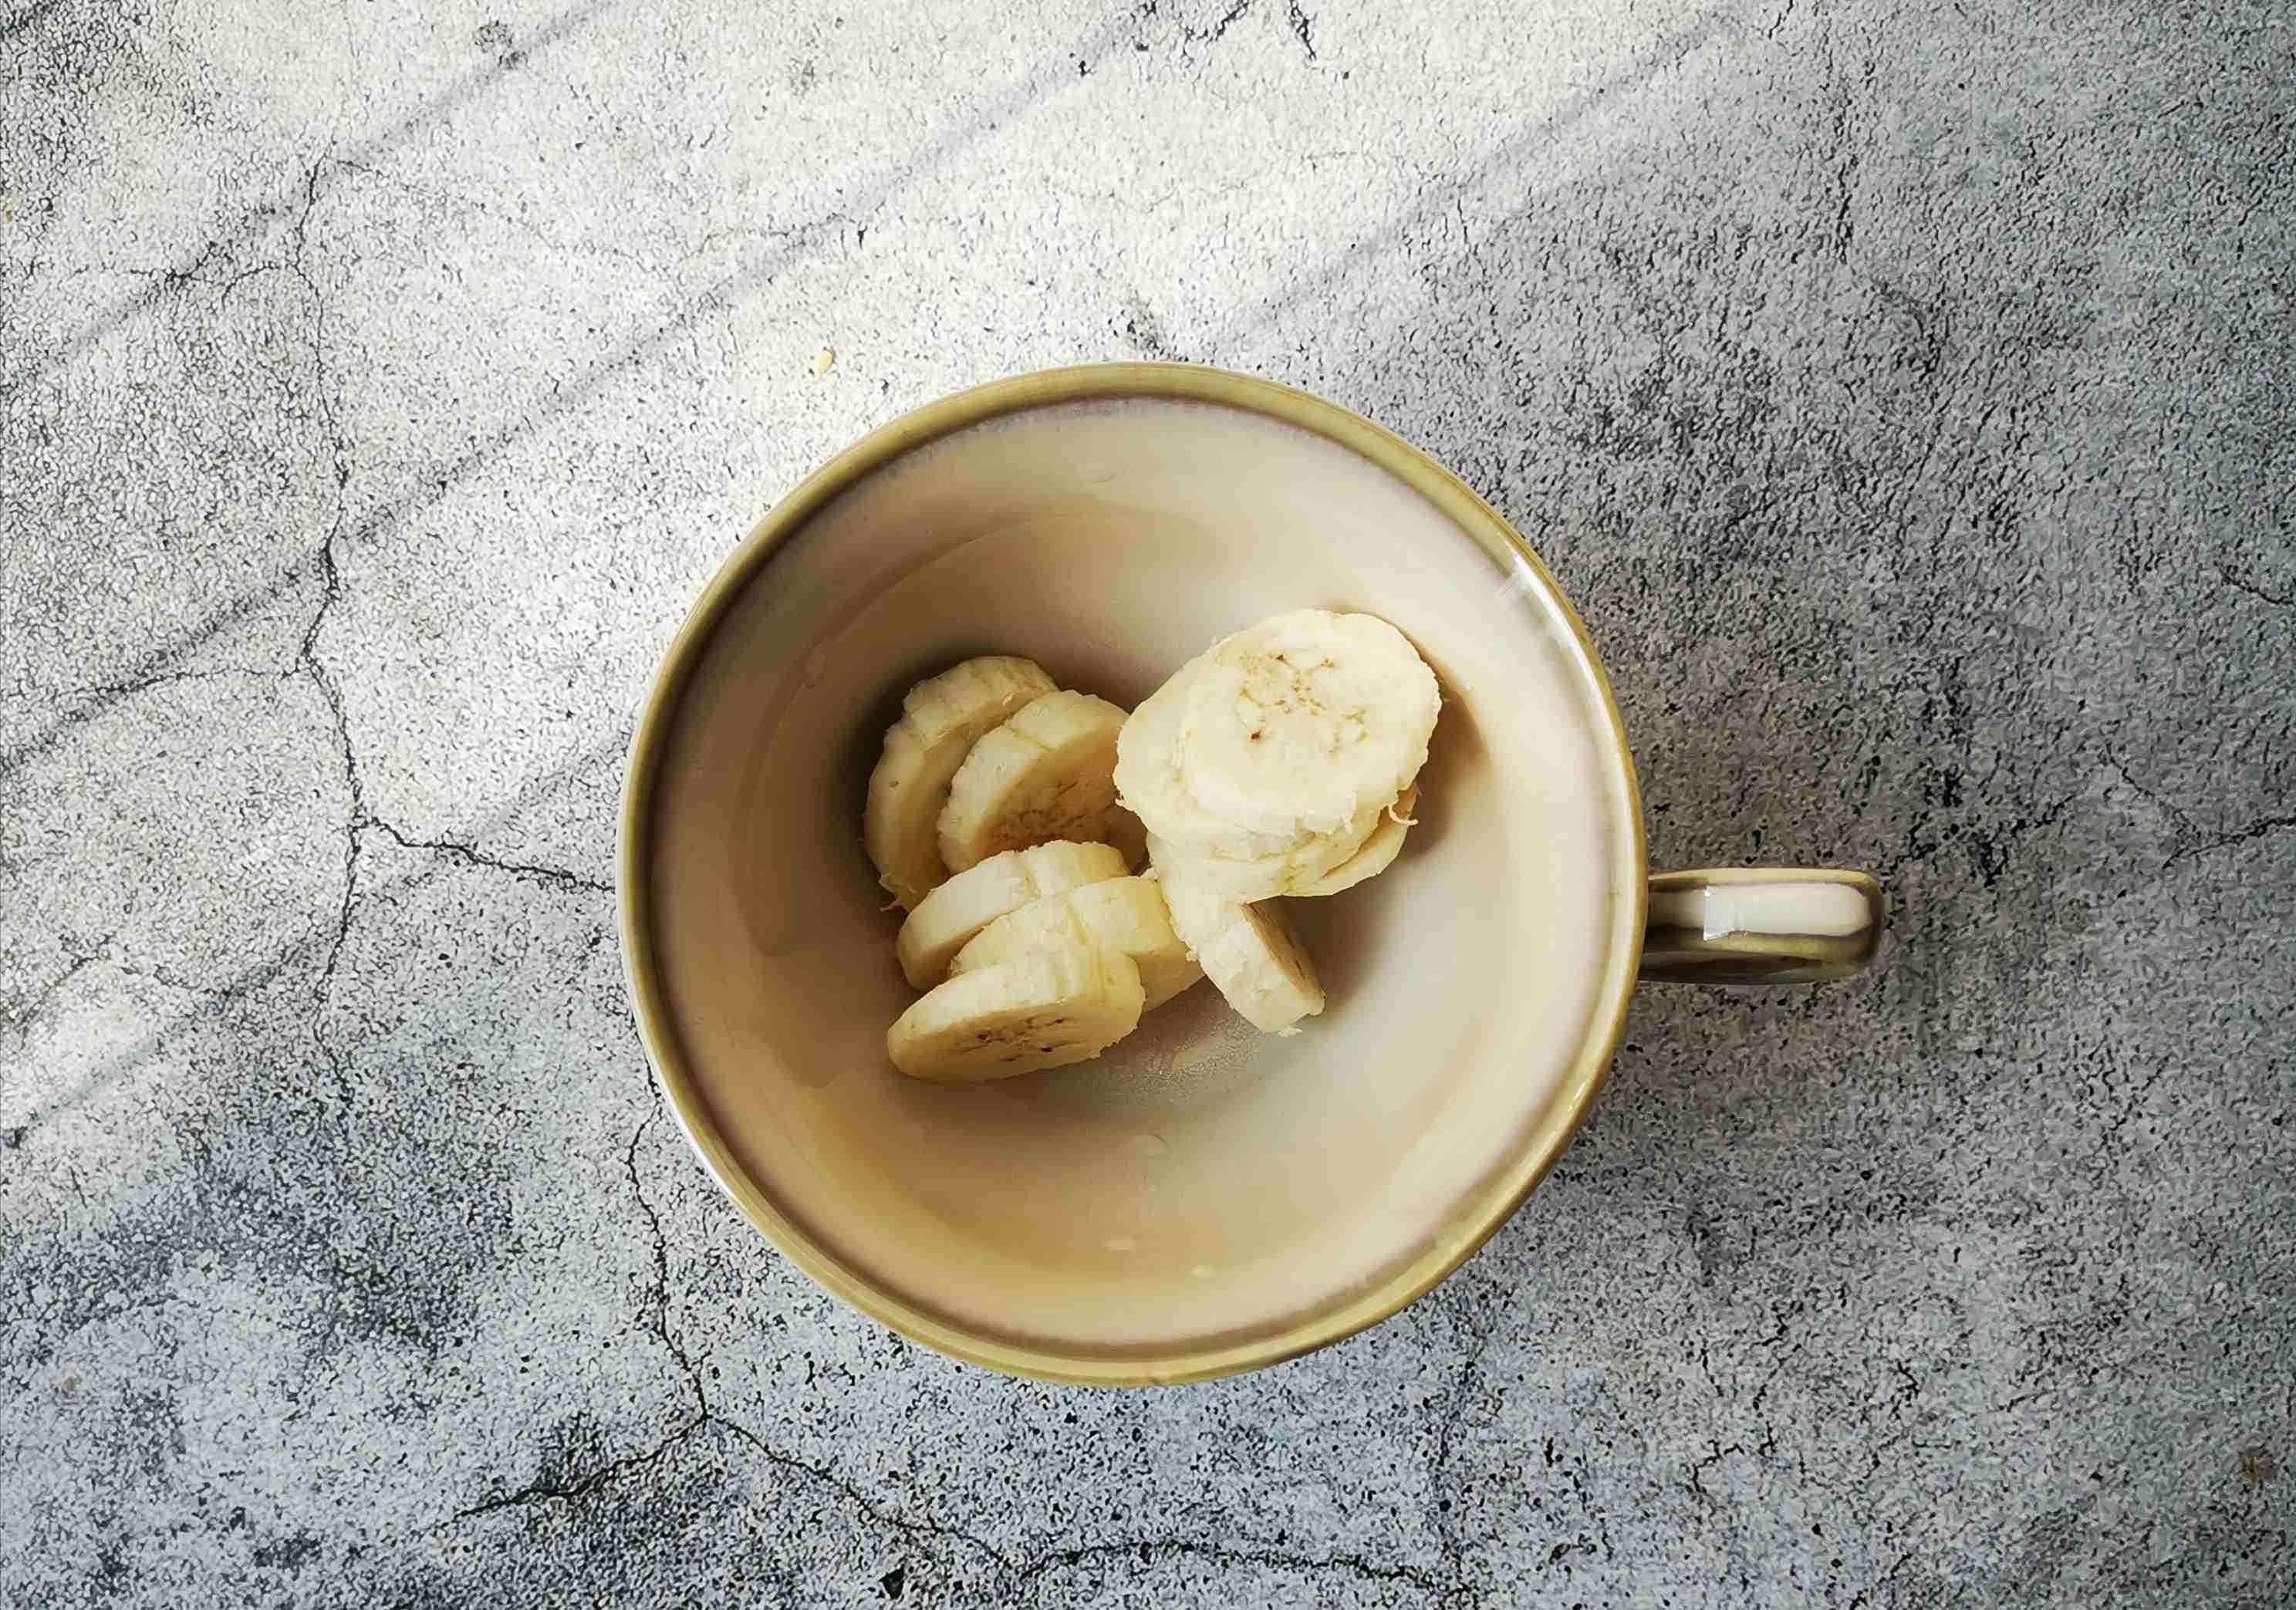 芭蕉酸奶拌麦片的家常做法